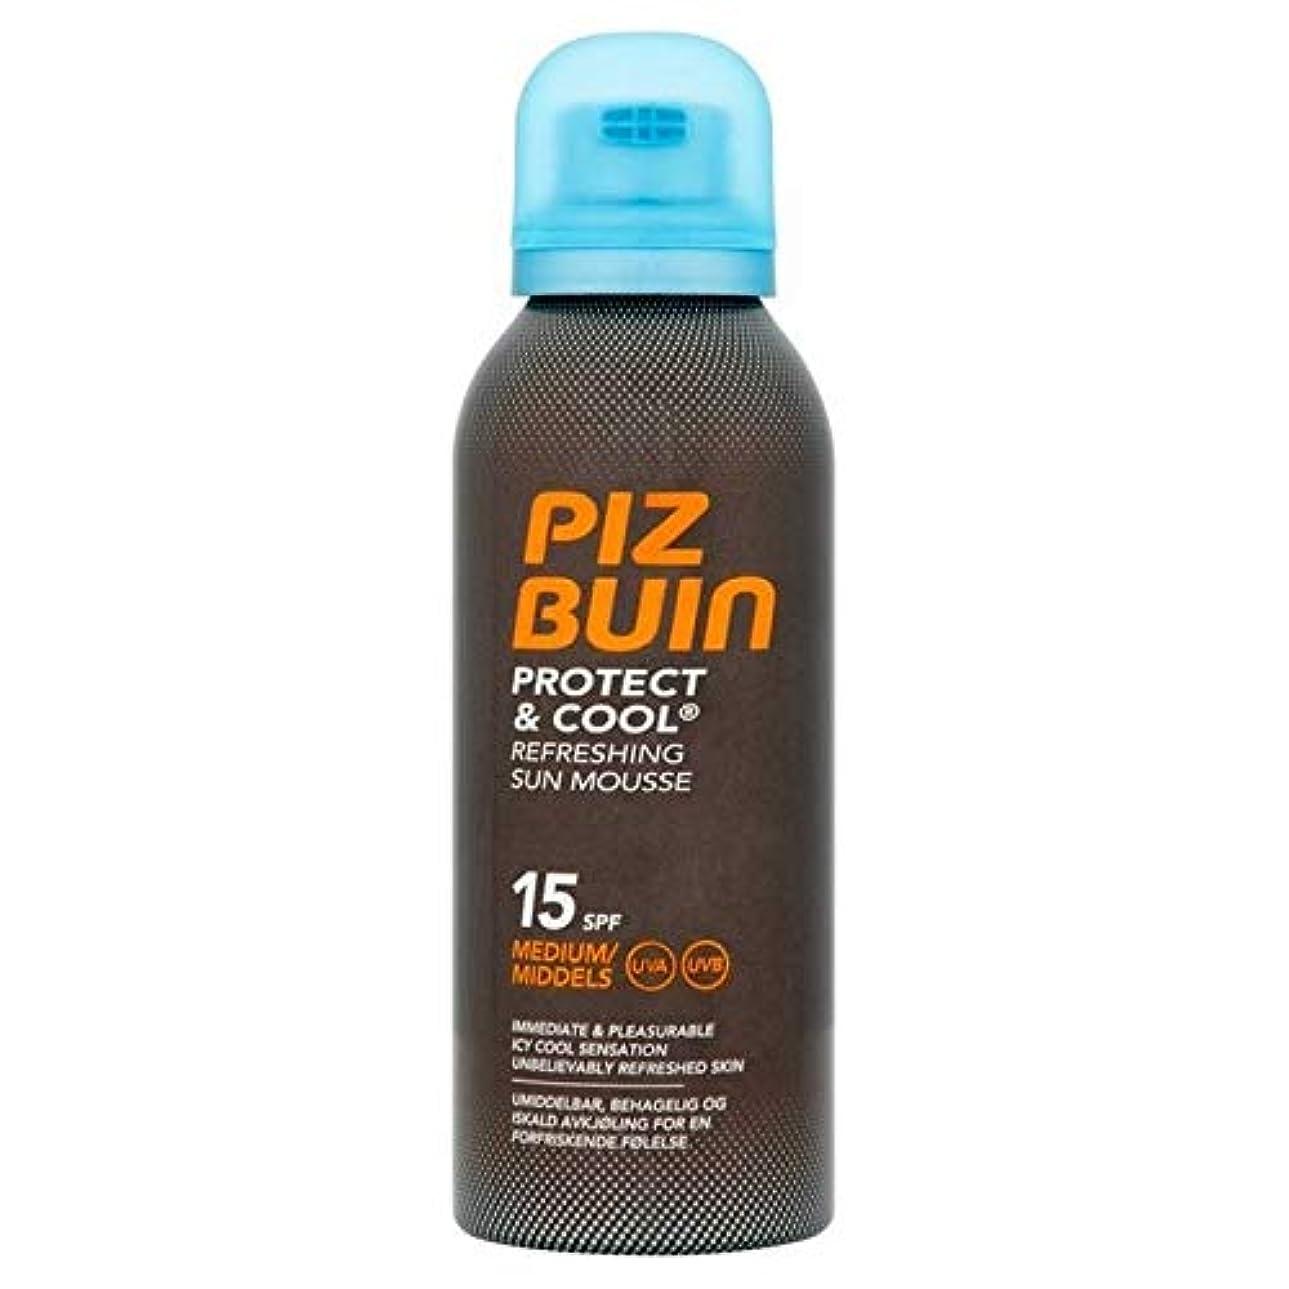 ぶら下がる花弁輝度[Piz Buin] ピッツのBuinのは、太陽のムースSpf15の150ミリリットルを保護&クール - Piz Buin Protect & Cool Sun Mousse SPF15 150ml [並行輸入品]